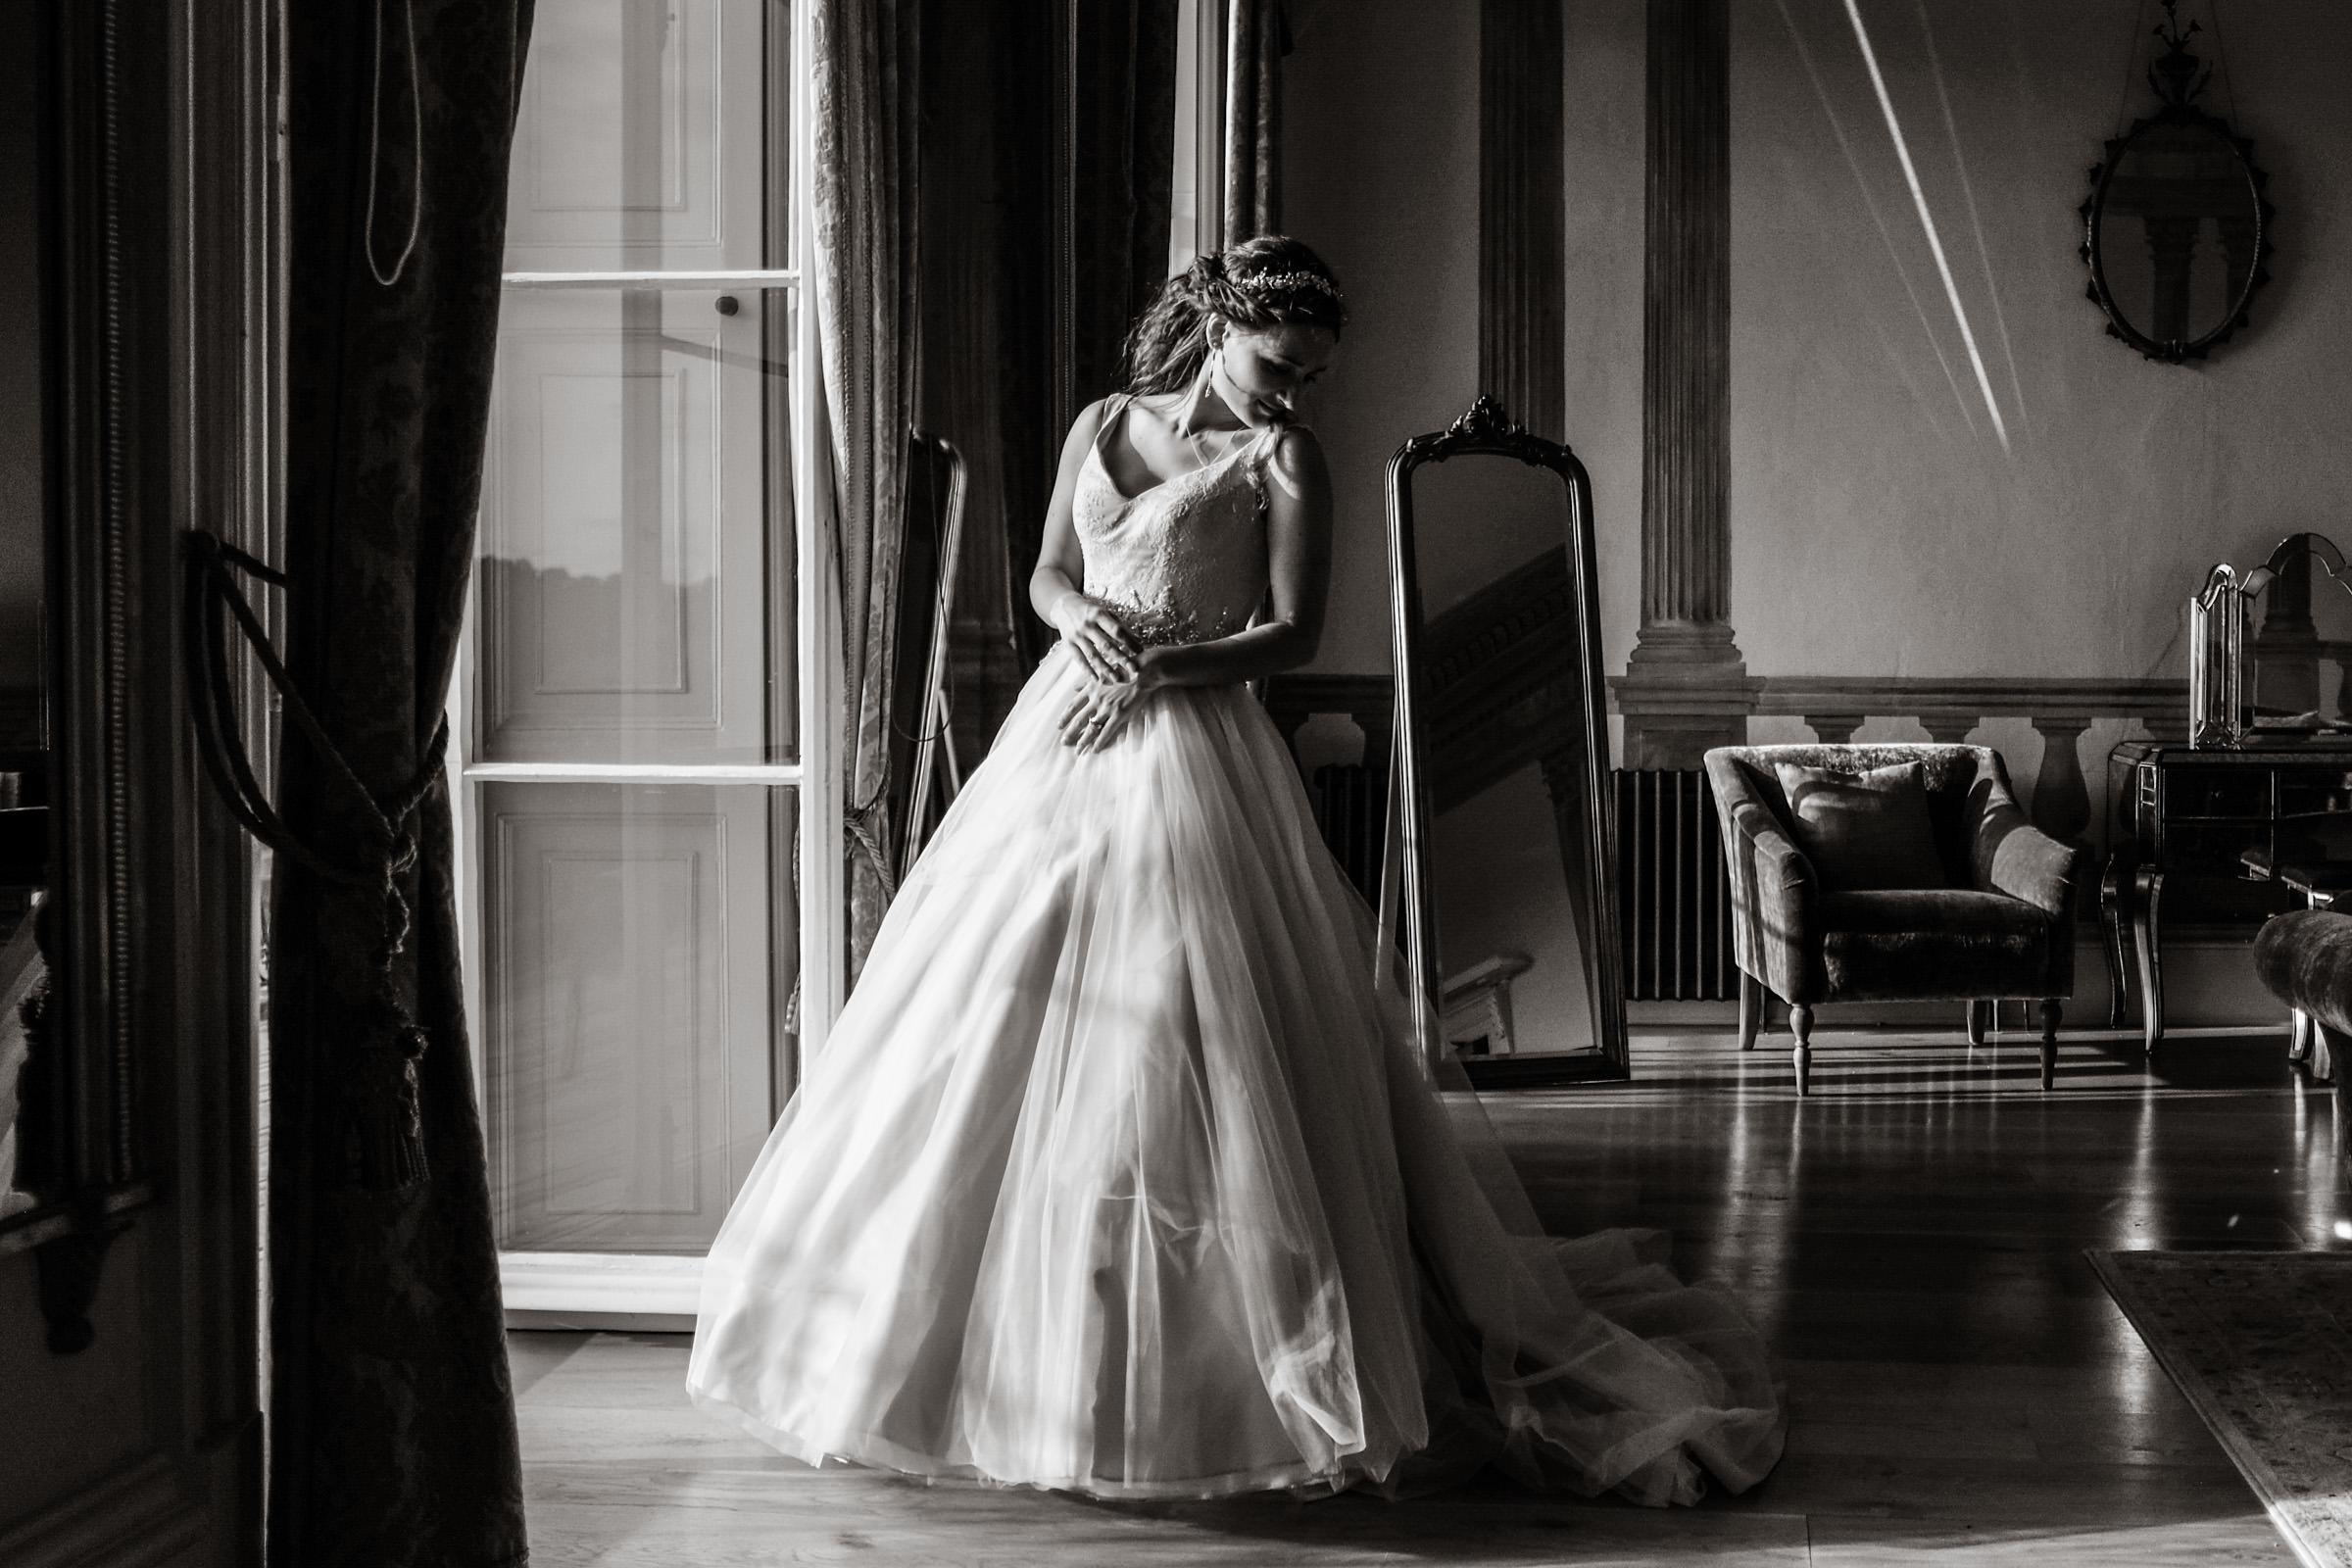 Rockbeare+Manor+Wedding+Photos+Devon+032.jpg